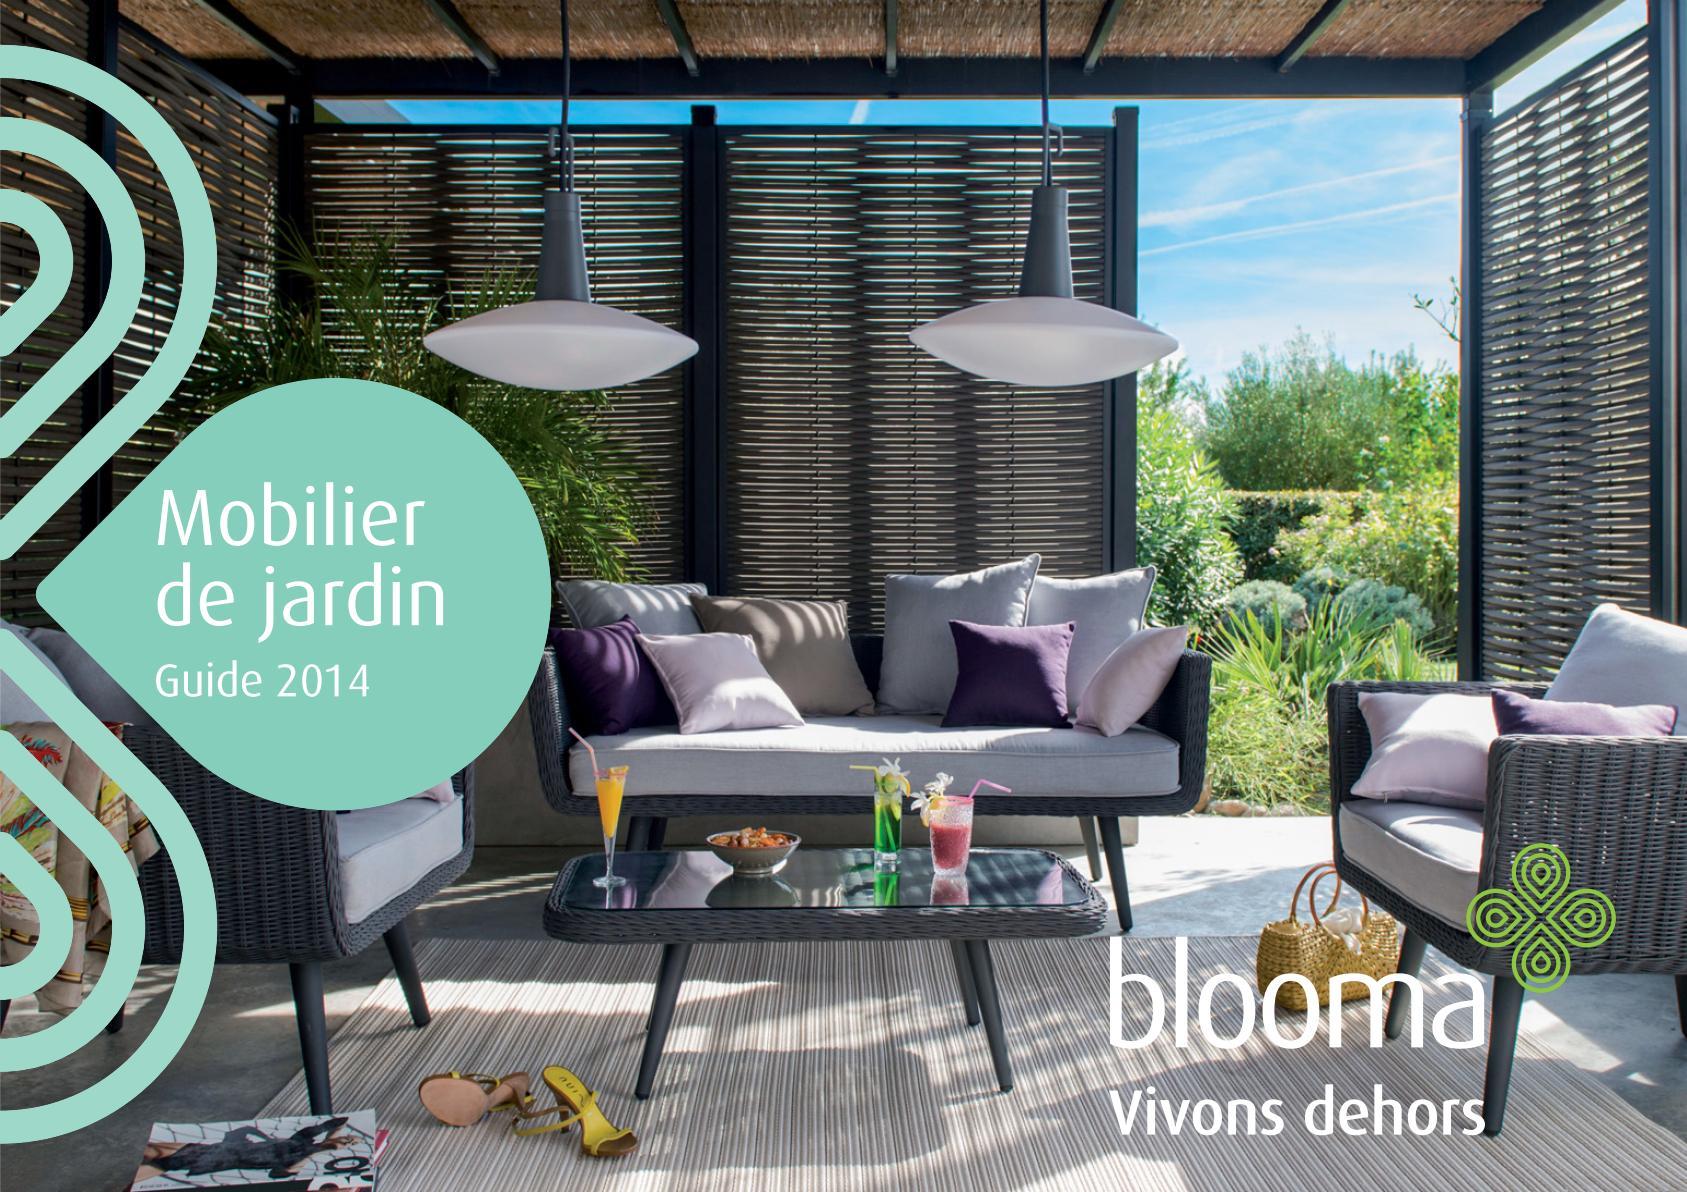 Catalogue Castorama Blooma Mobilier De Jardin 2014 ... serapportantà Meubles De Jardin Castorama